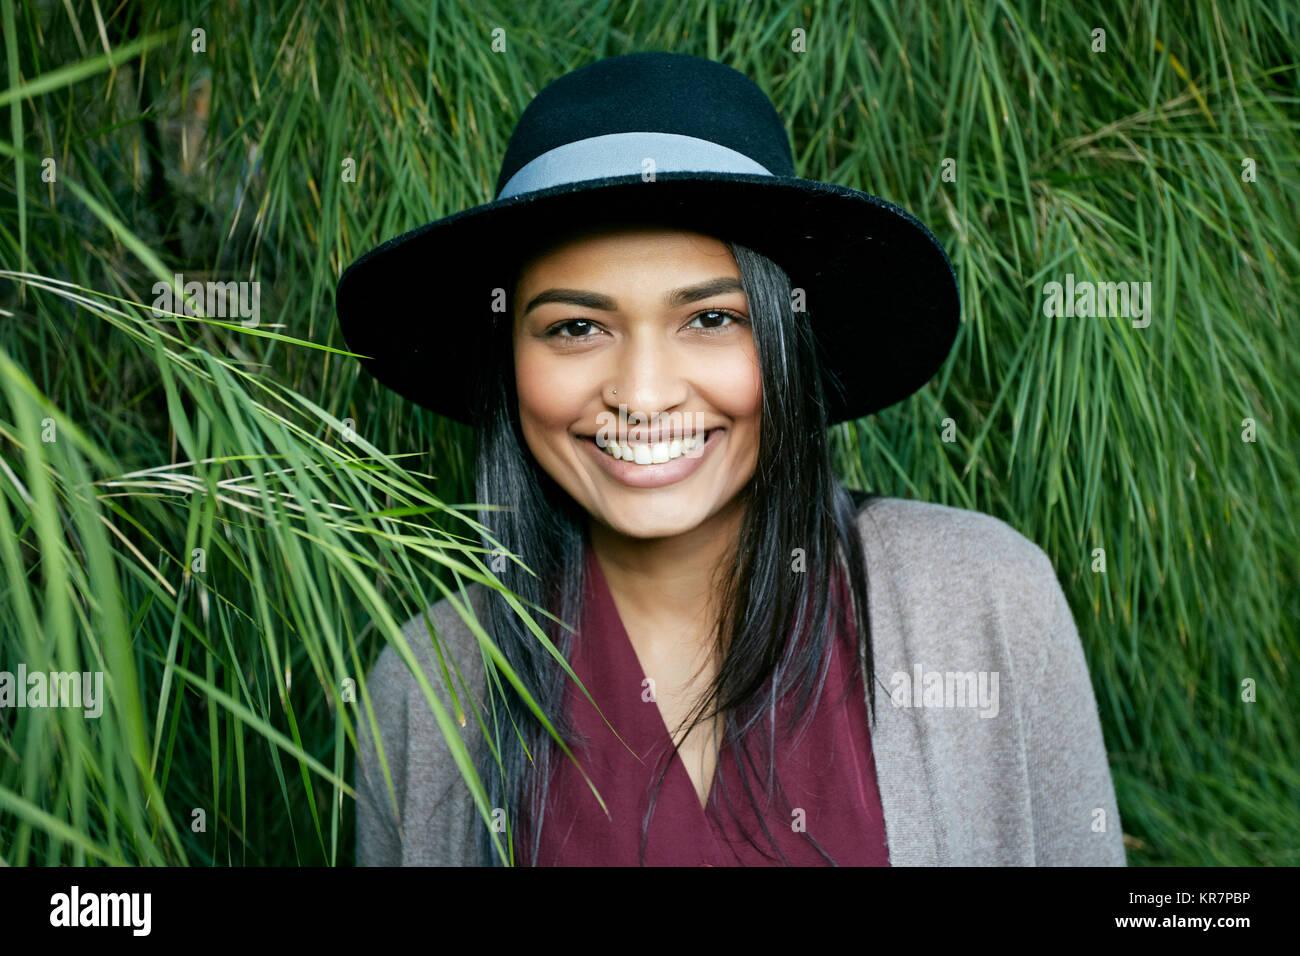 Retrato de mujer de raza mixta sonriente cerca de follaje Foto de stock